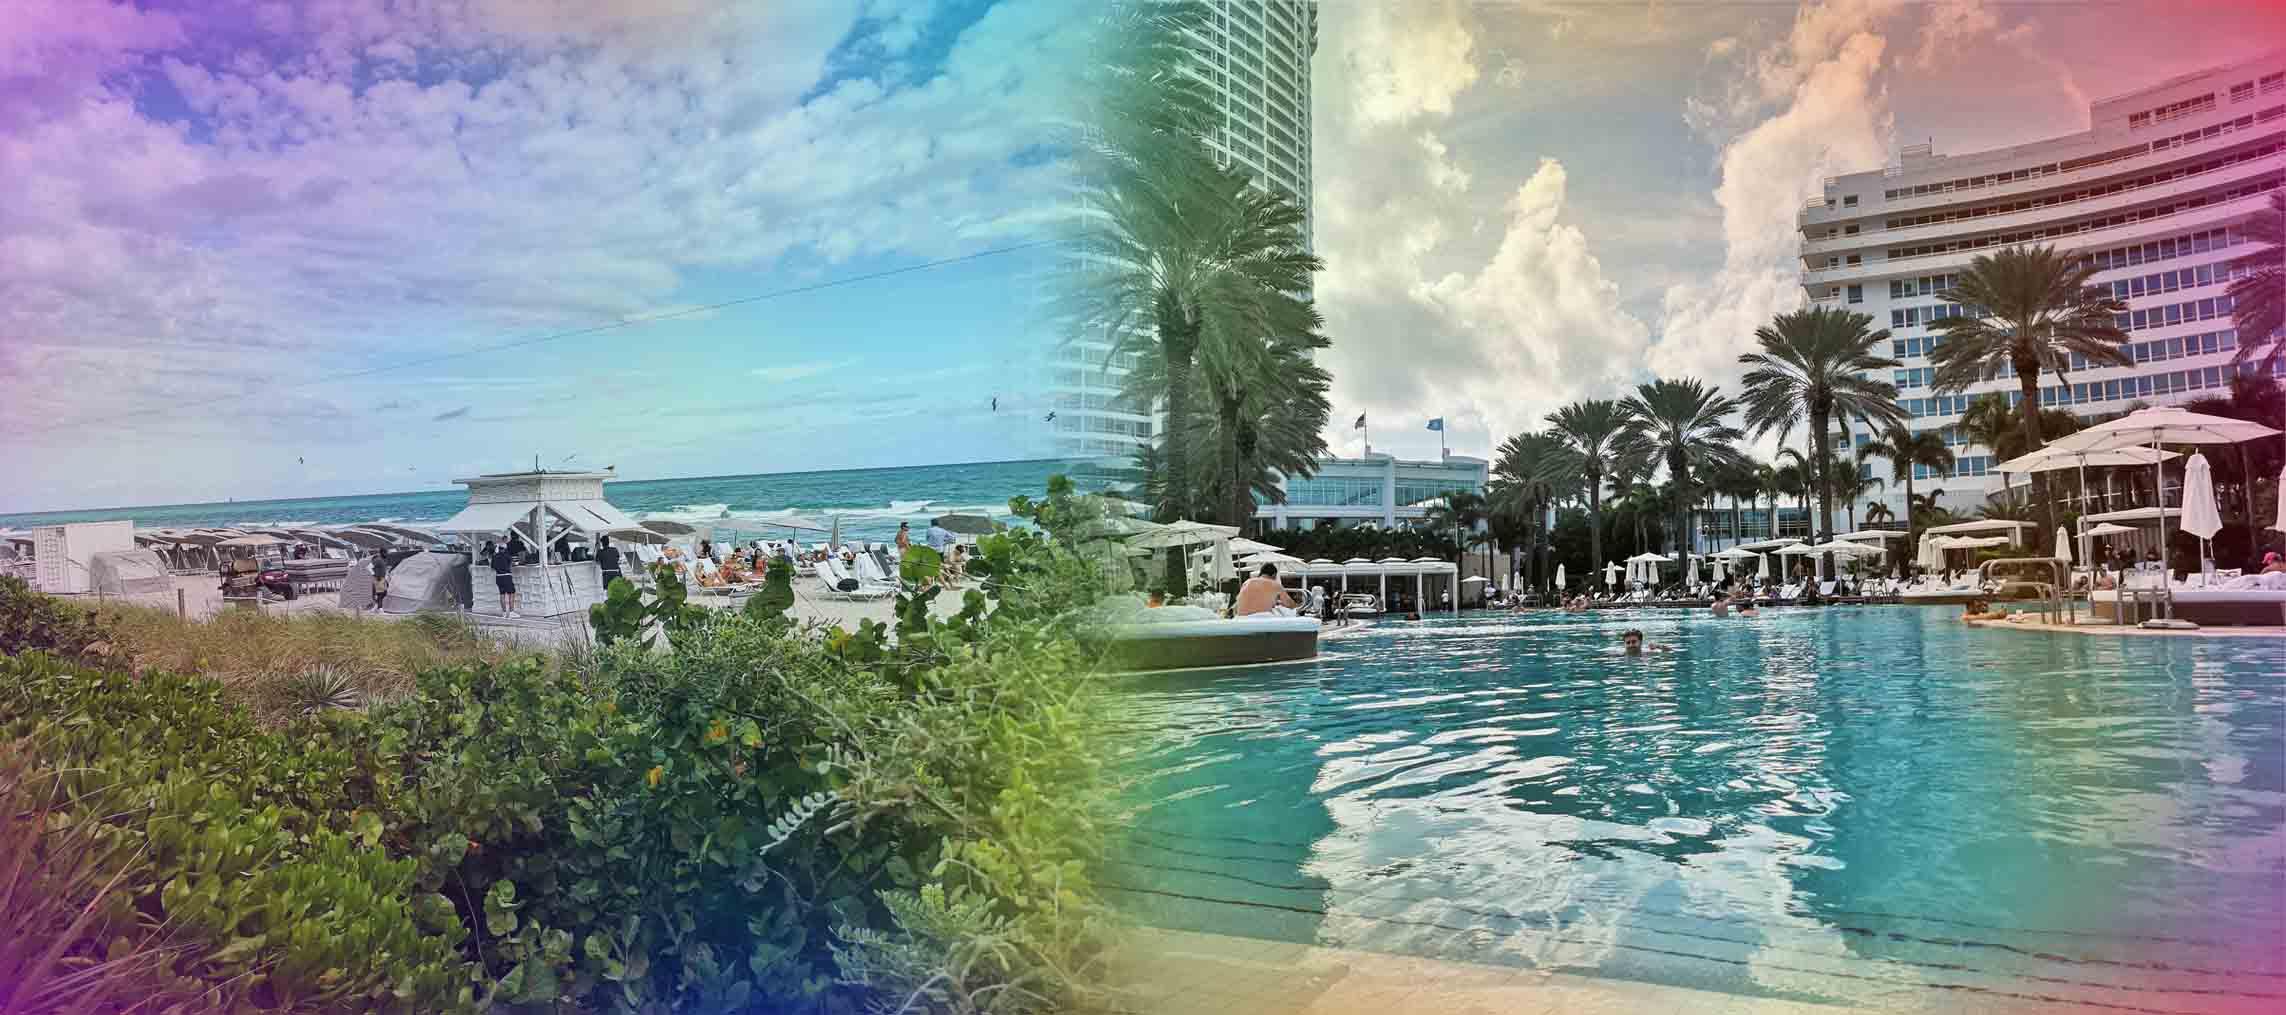 Miami23 copy